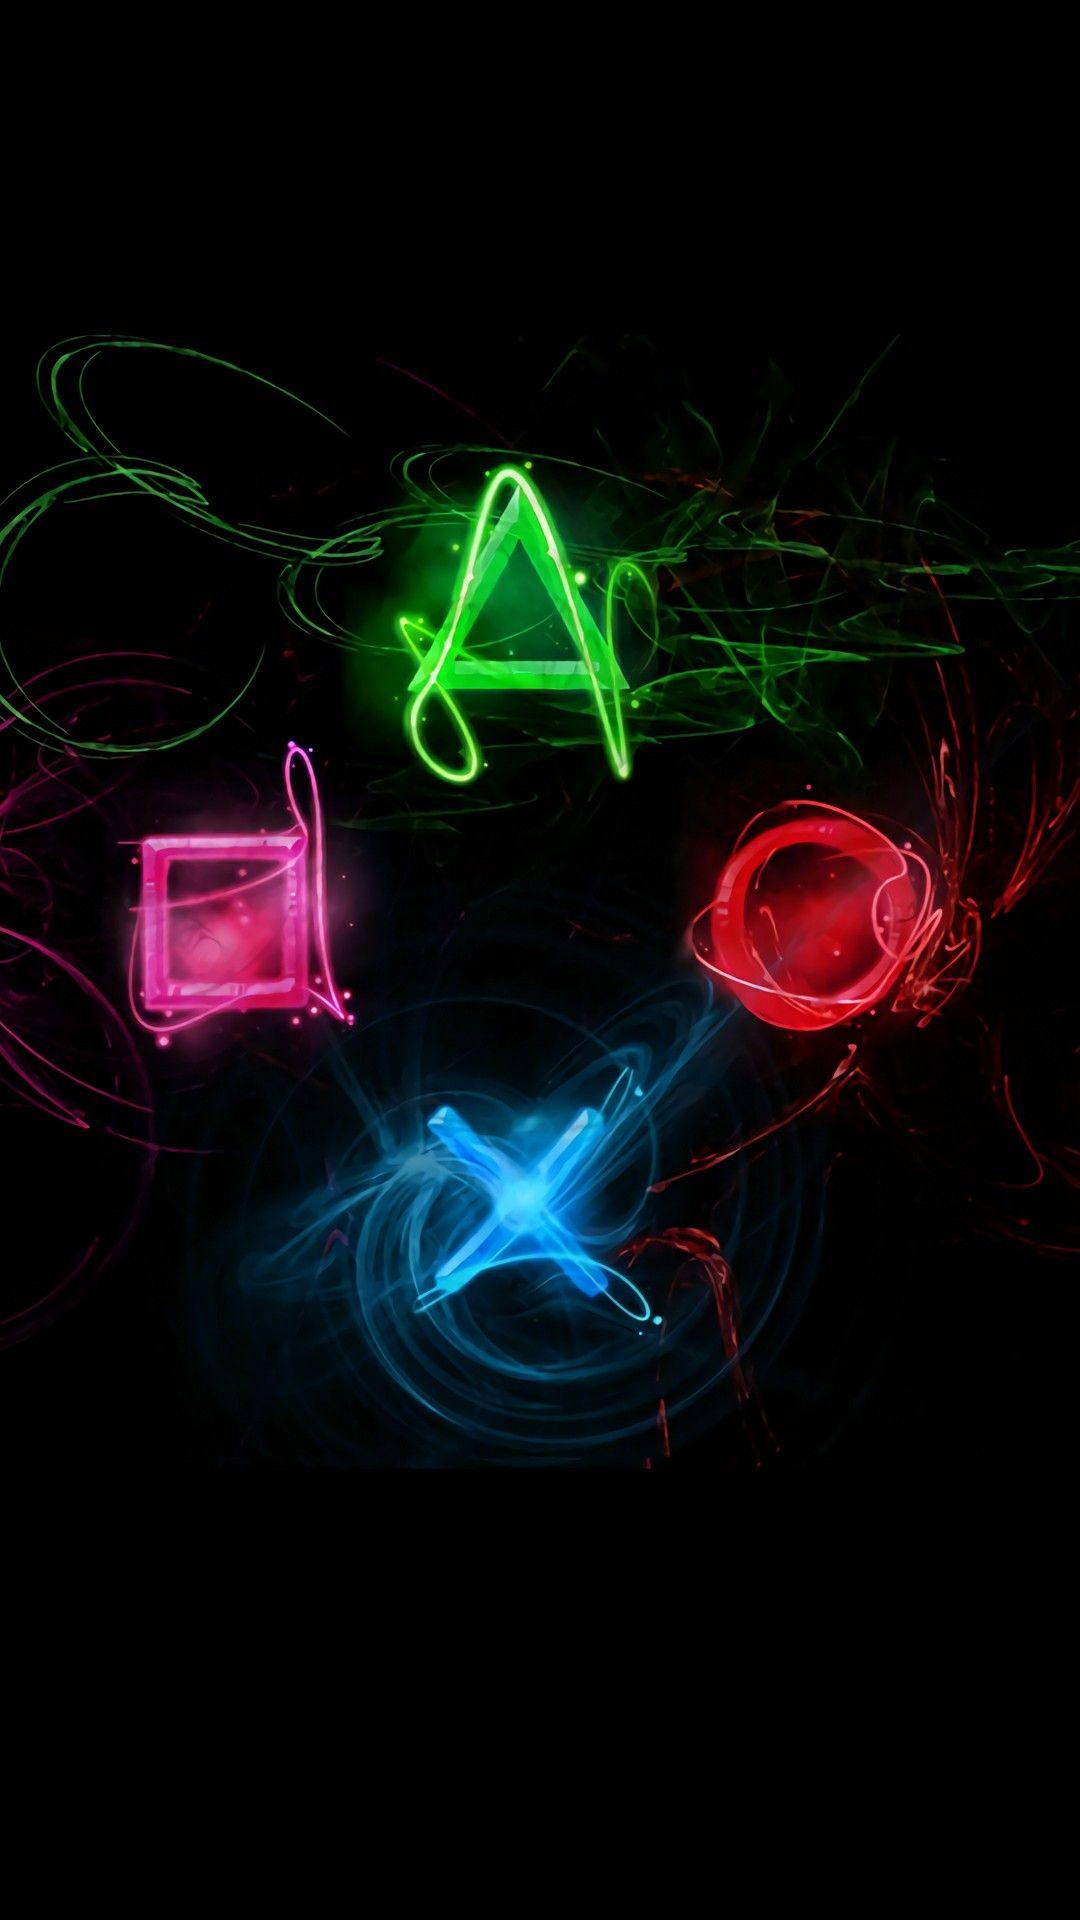 Triangle O X Papeis De Parede De Jogos Papel De Parede Do Iphone Papel De Parede Games